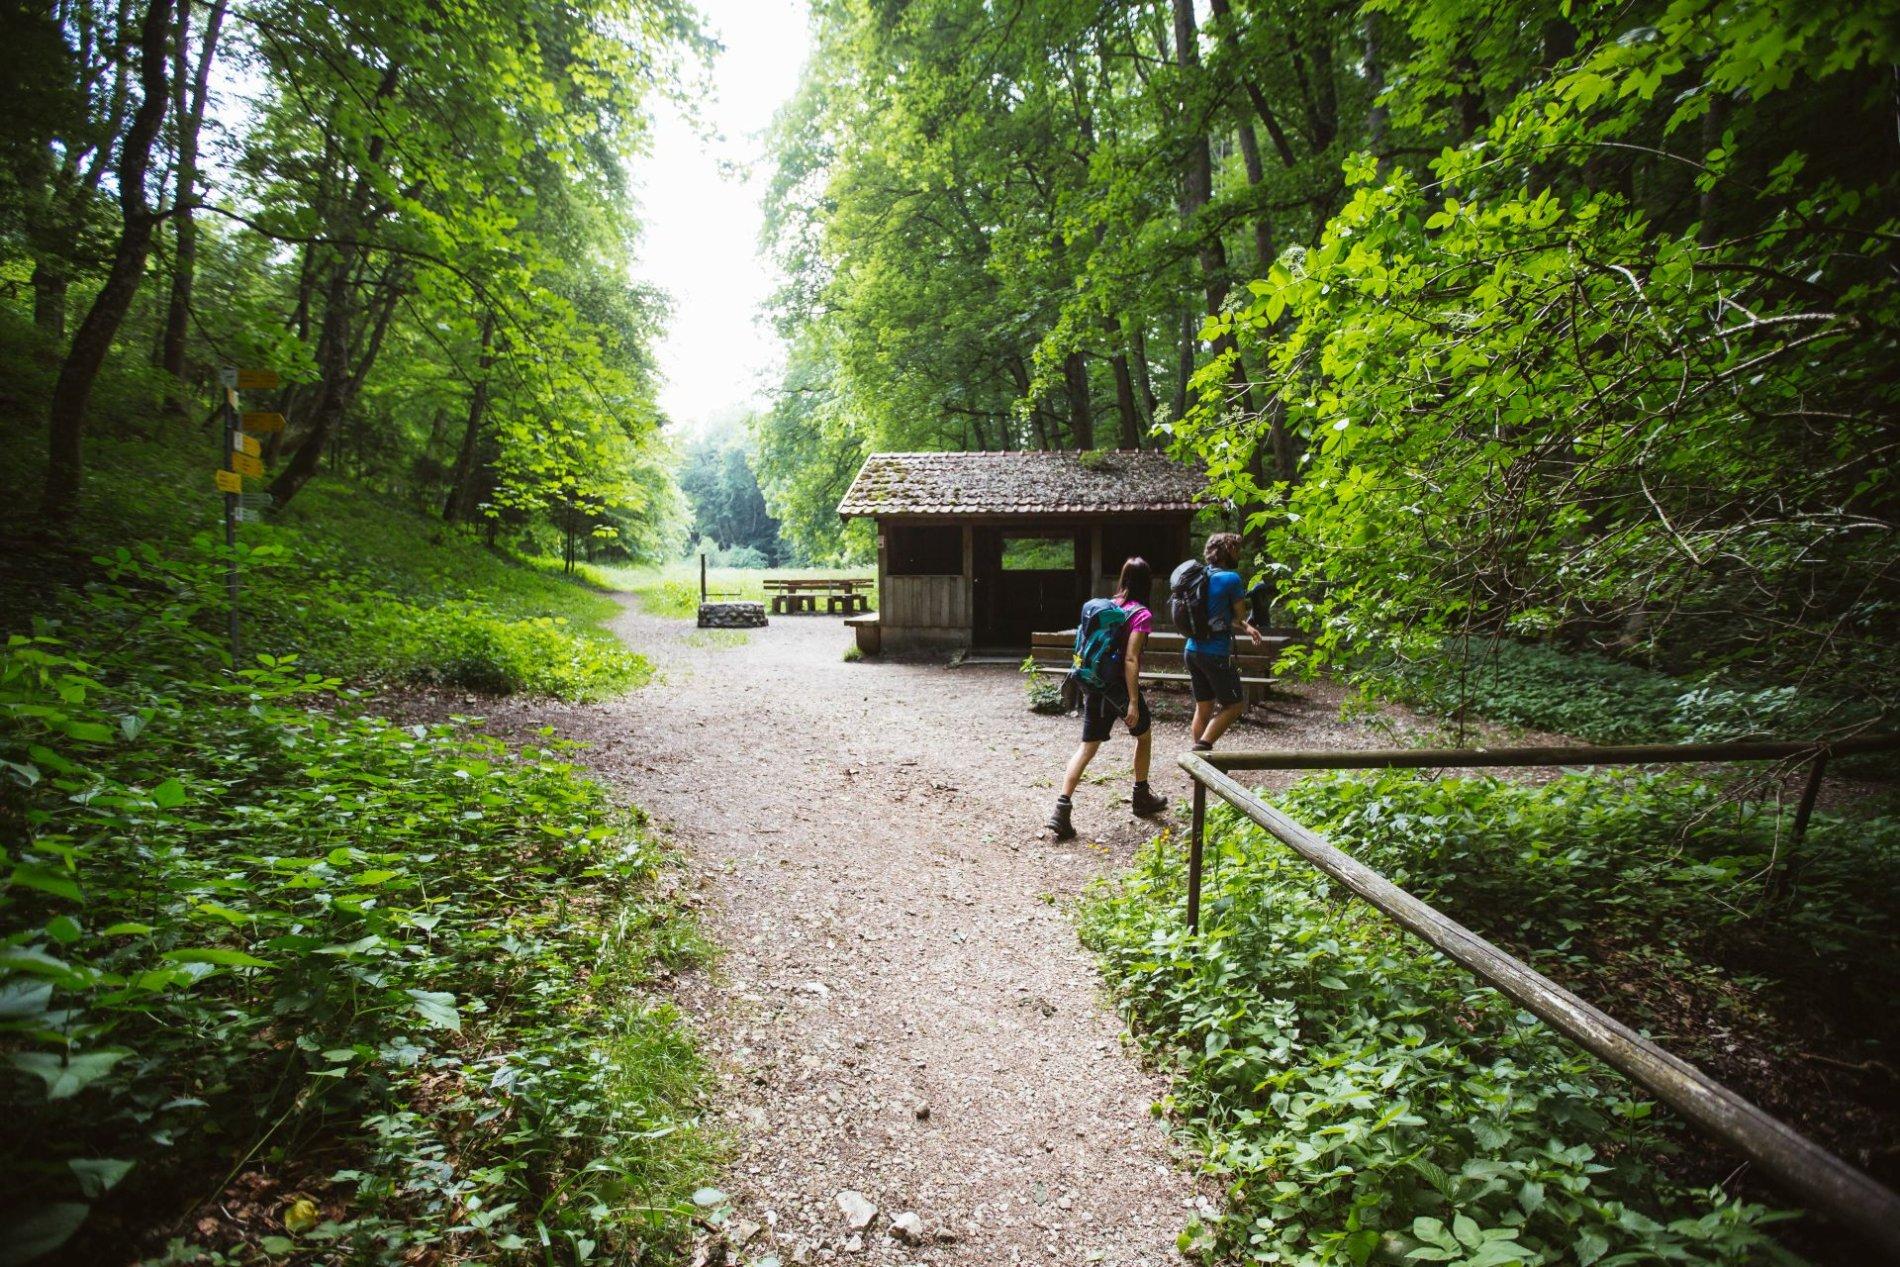 Idyllisch gelegen - Grillplatz Hossinger Leiter mit Schutzhütte am Traufgang Hossinger Leiter